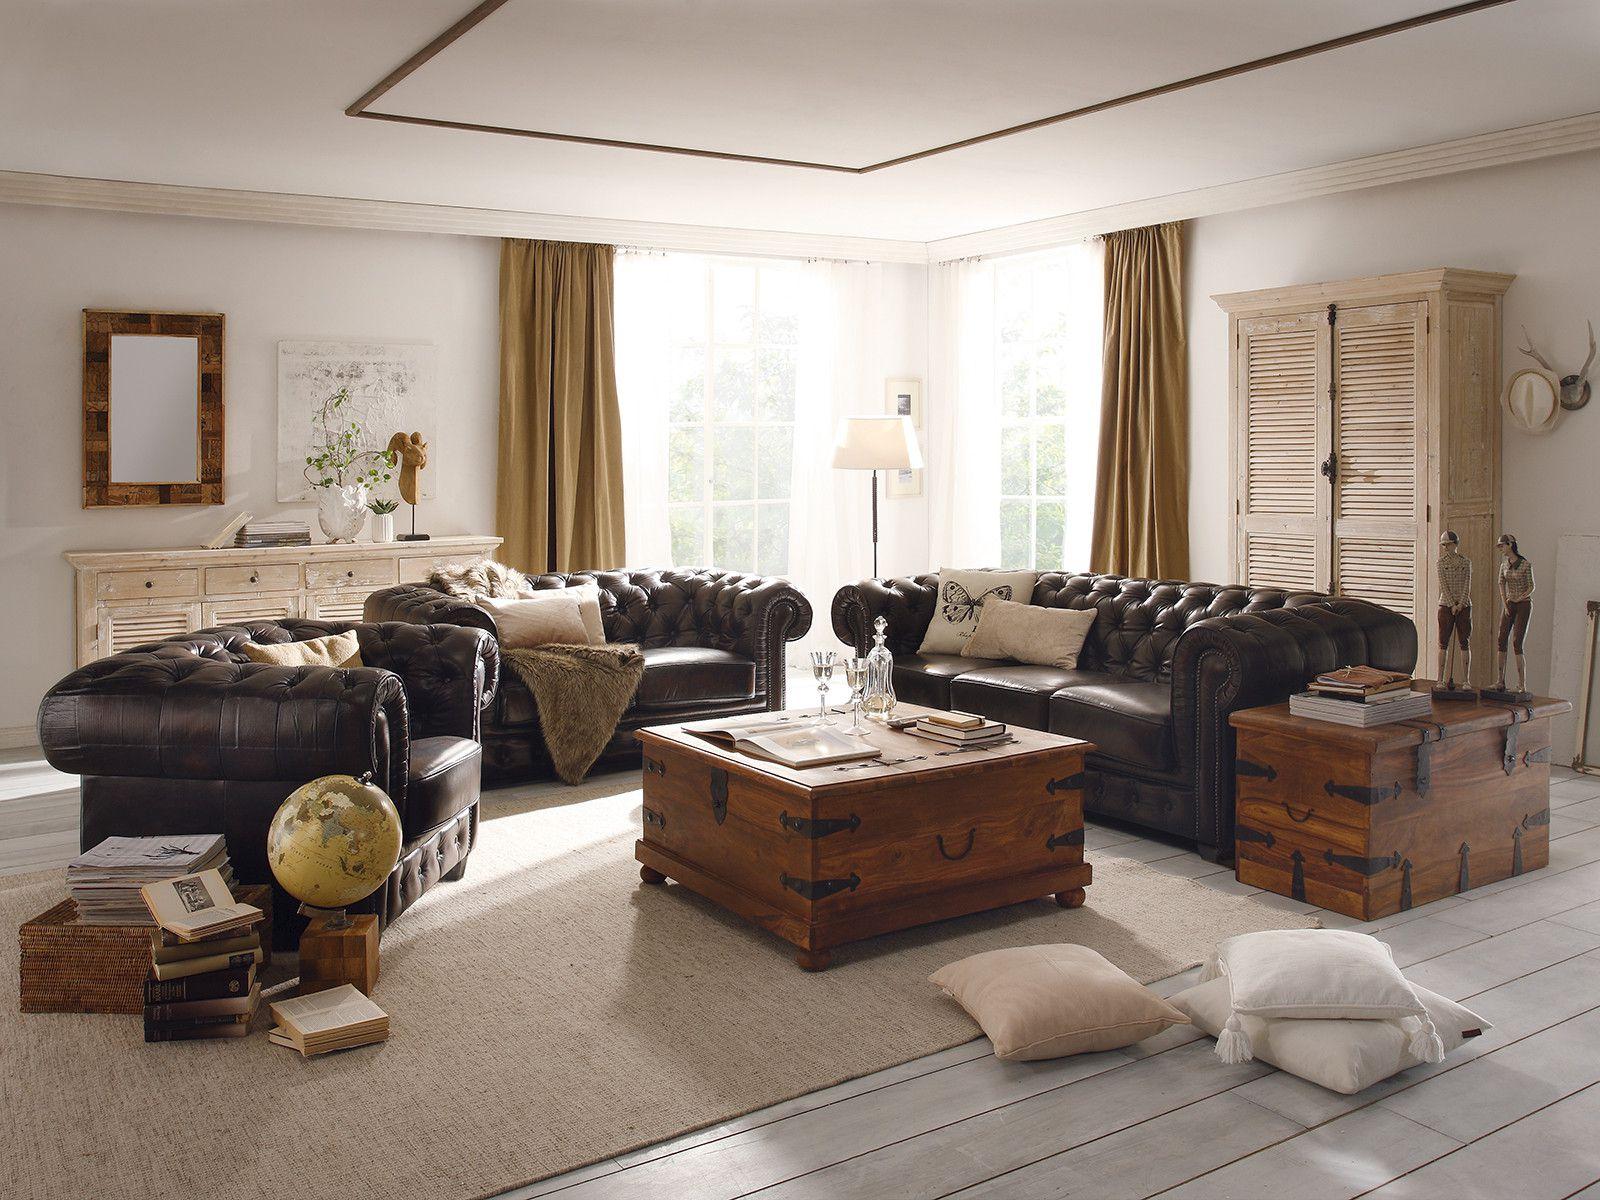 Full Size of Couch Garnitur Ikea Leder Sofa Gebraucht 3 Teilig Echtleder Garnituren Hersteller 3 2 Rundecke Billiger Chesterfield Sofagarnitur Braun Massivum Modulares Sofa Sofa Garnitur